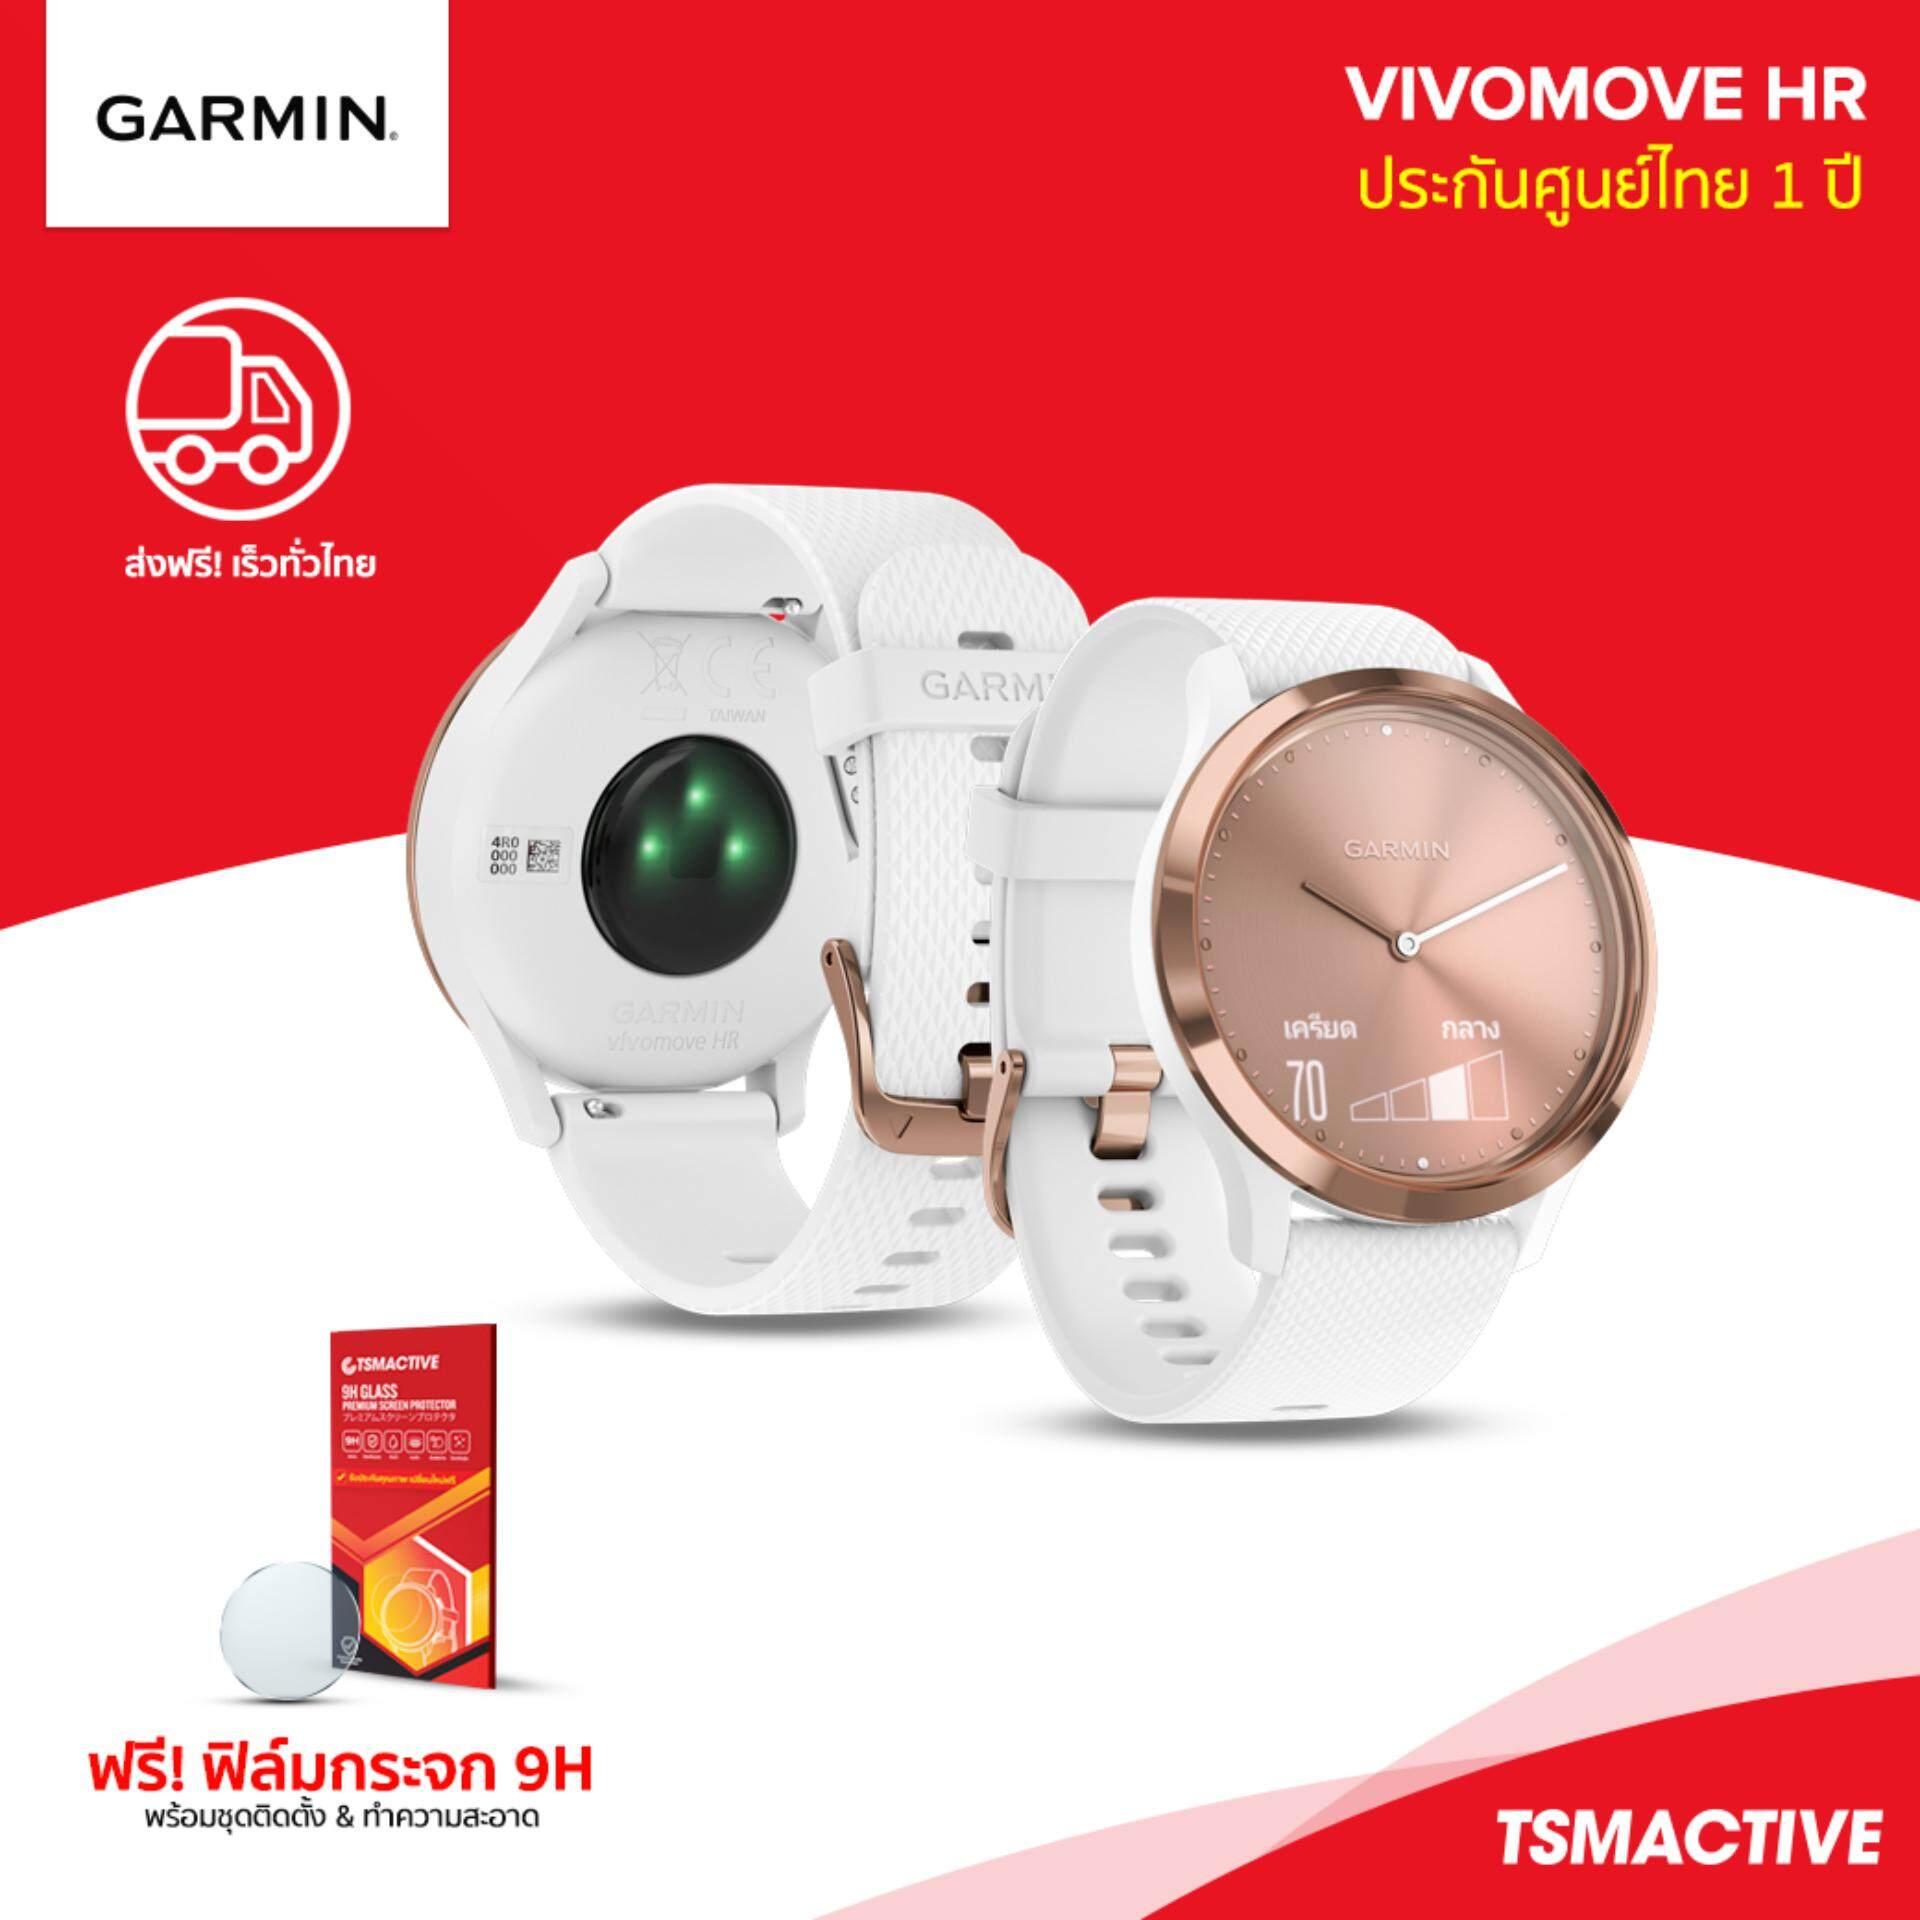 ยี่ห้อไหนดี  ชลบุรี Garmin Vivomove HR (Sport - Rose Gold : Regular) นาฬิกาอัจฉริยะระบบไฮบริด วัดชีพจร 24 ชม. - ฟรีฟิล์มกระจกกันรอย